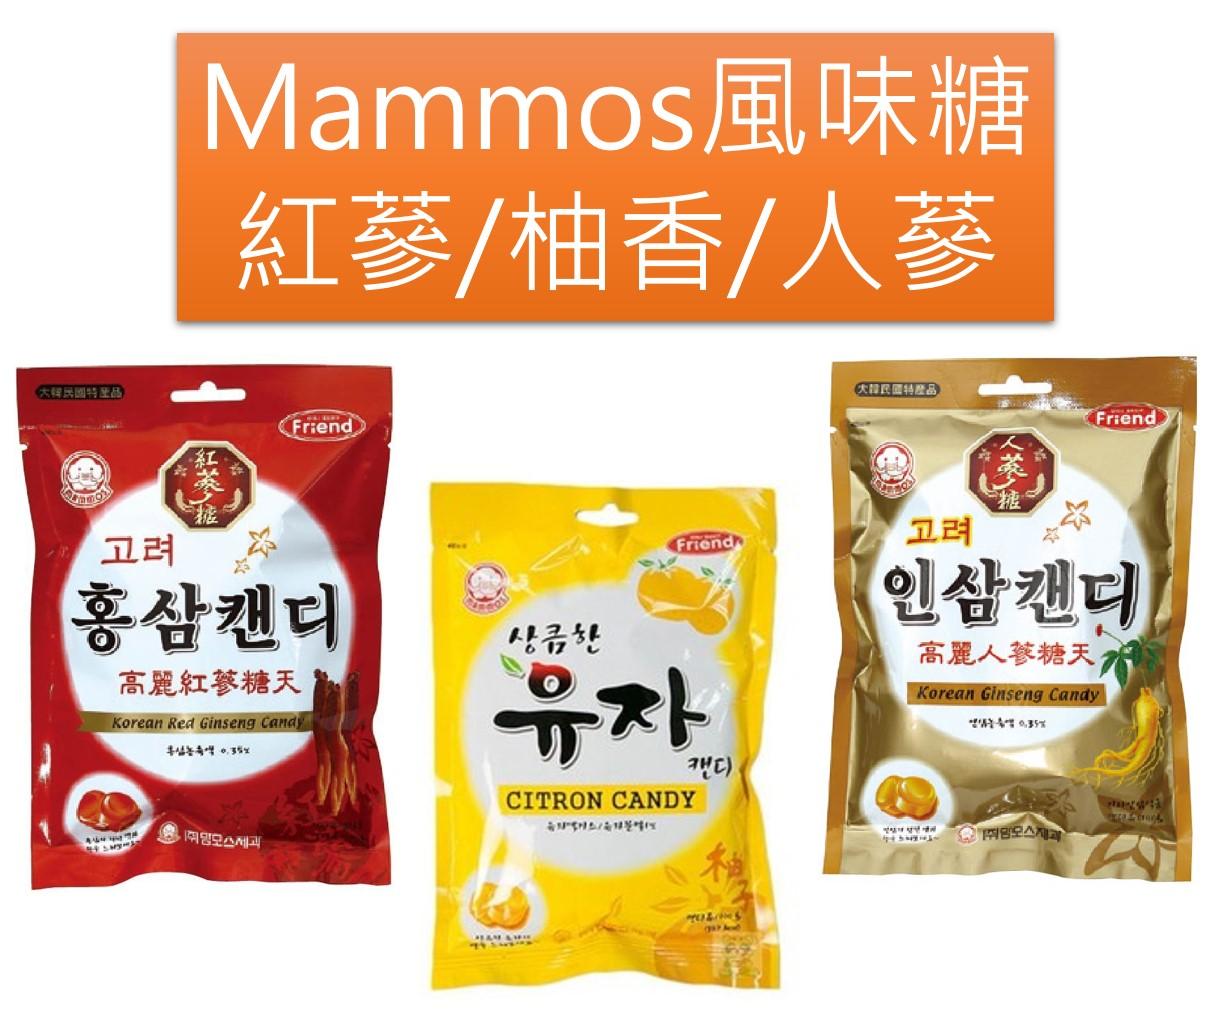 韓國MAMMOS 高麗紅蔘/柚子/高麗人蔘 風味硬糖 100g